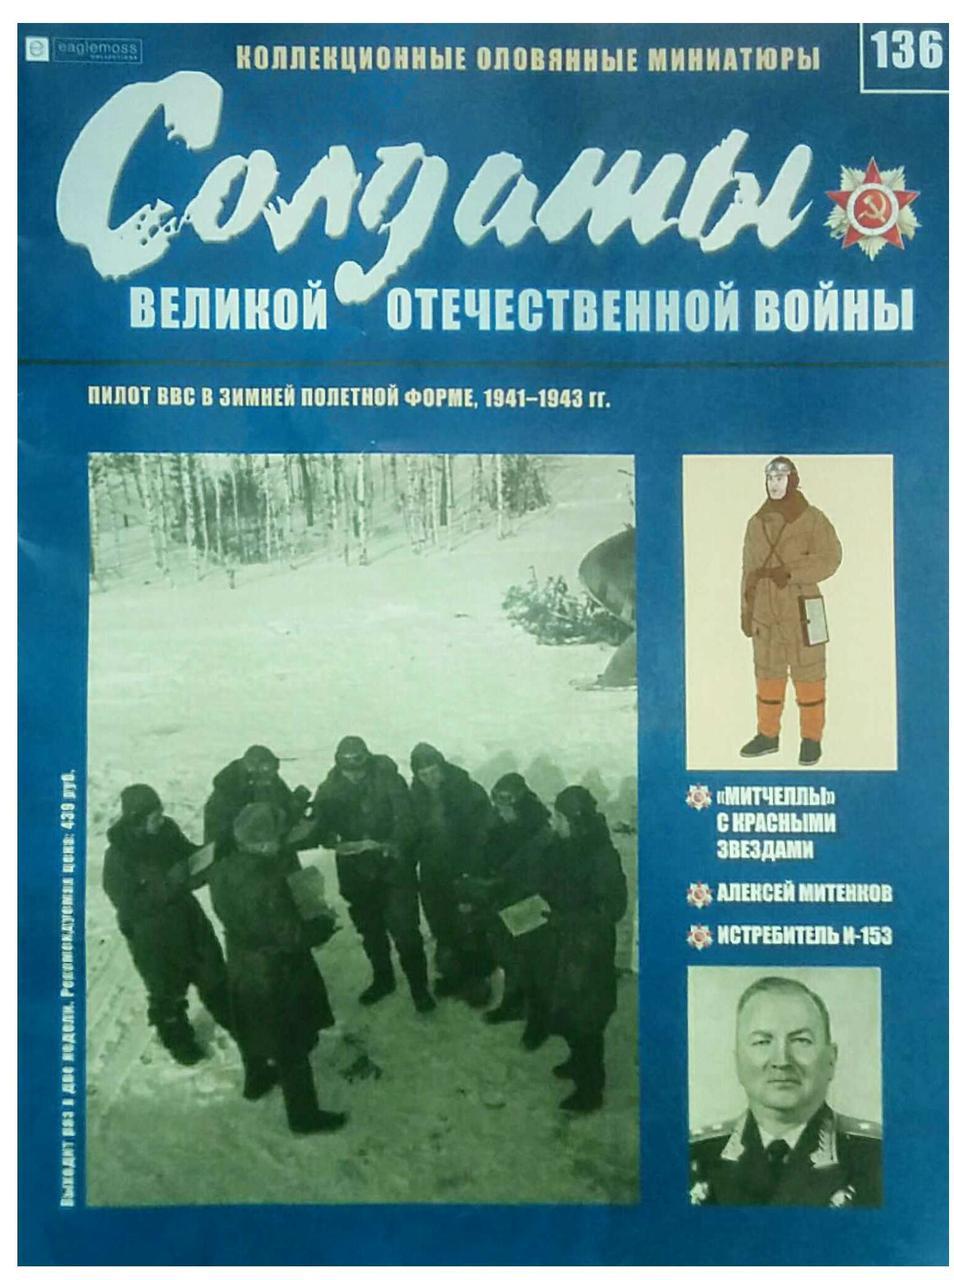 Солдаты Великой Отечественной Войны (Eaglemoss) №136